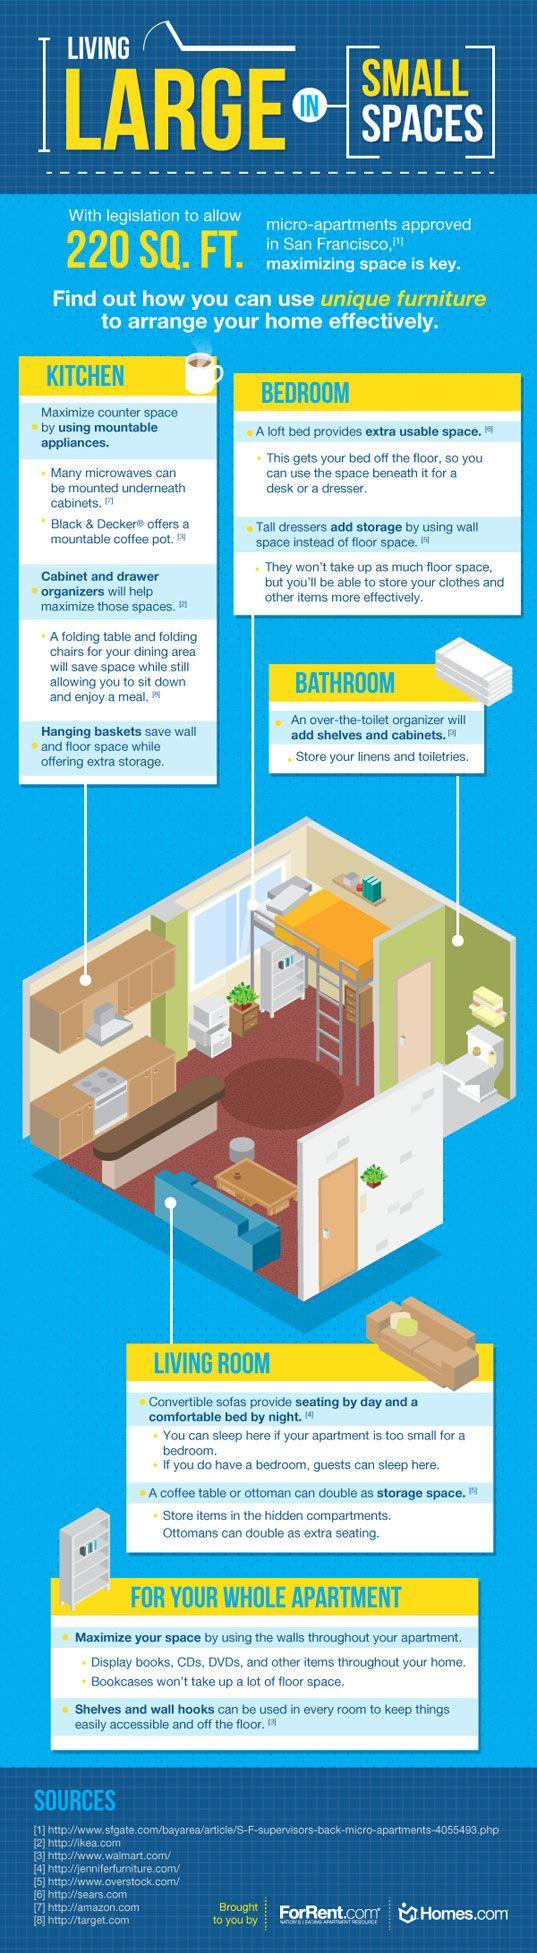 Vivir a lo grande en un apartamento pequeño ()